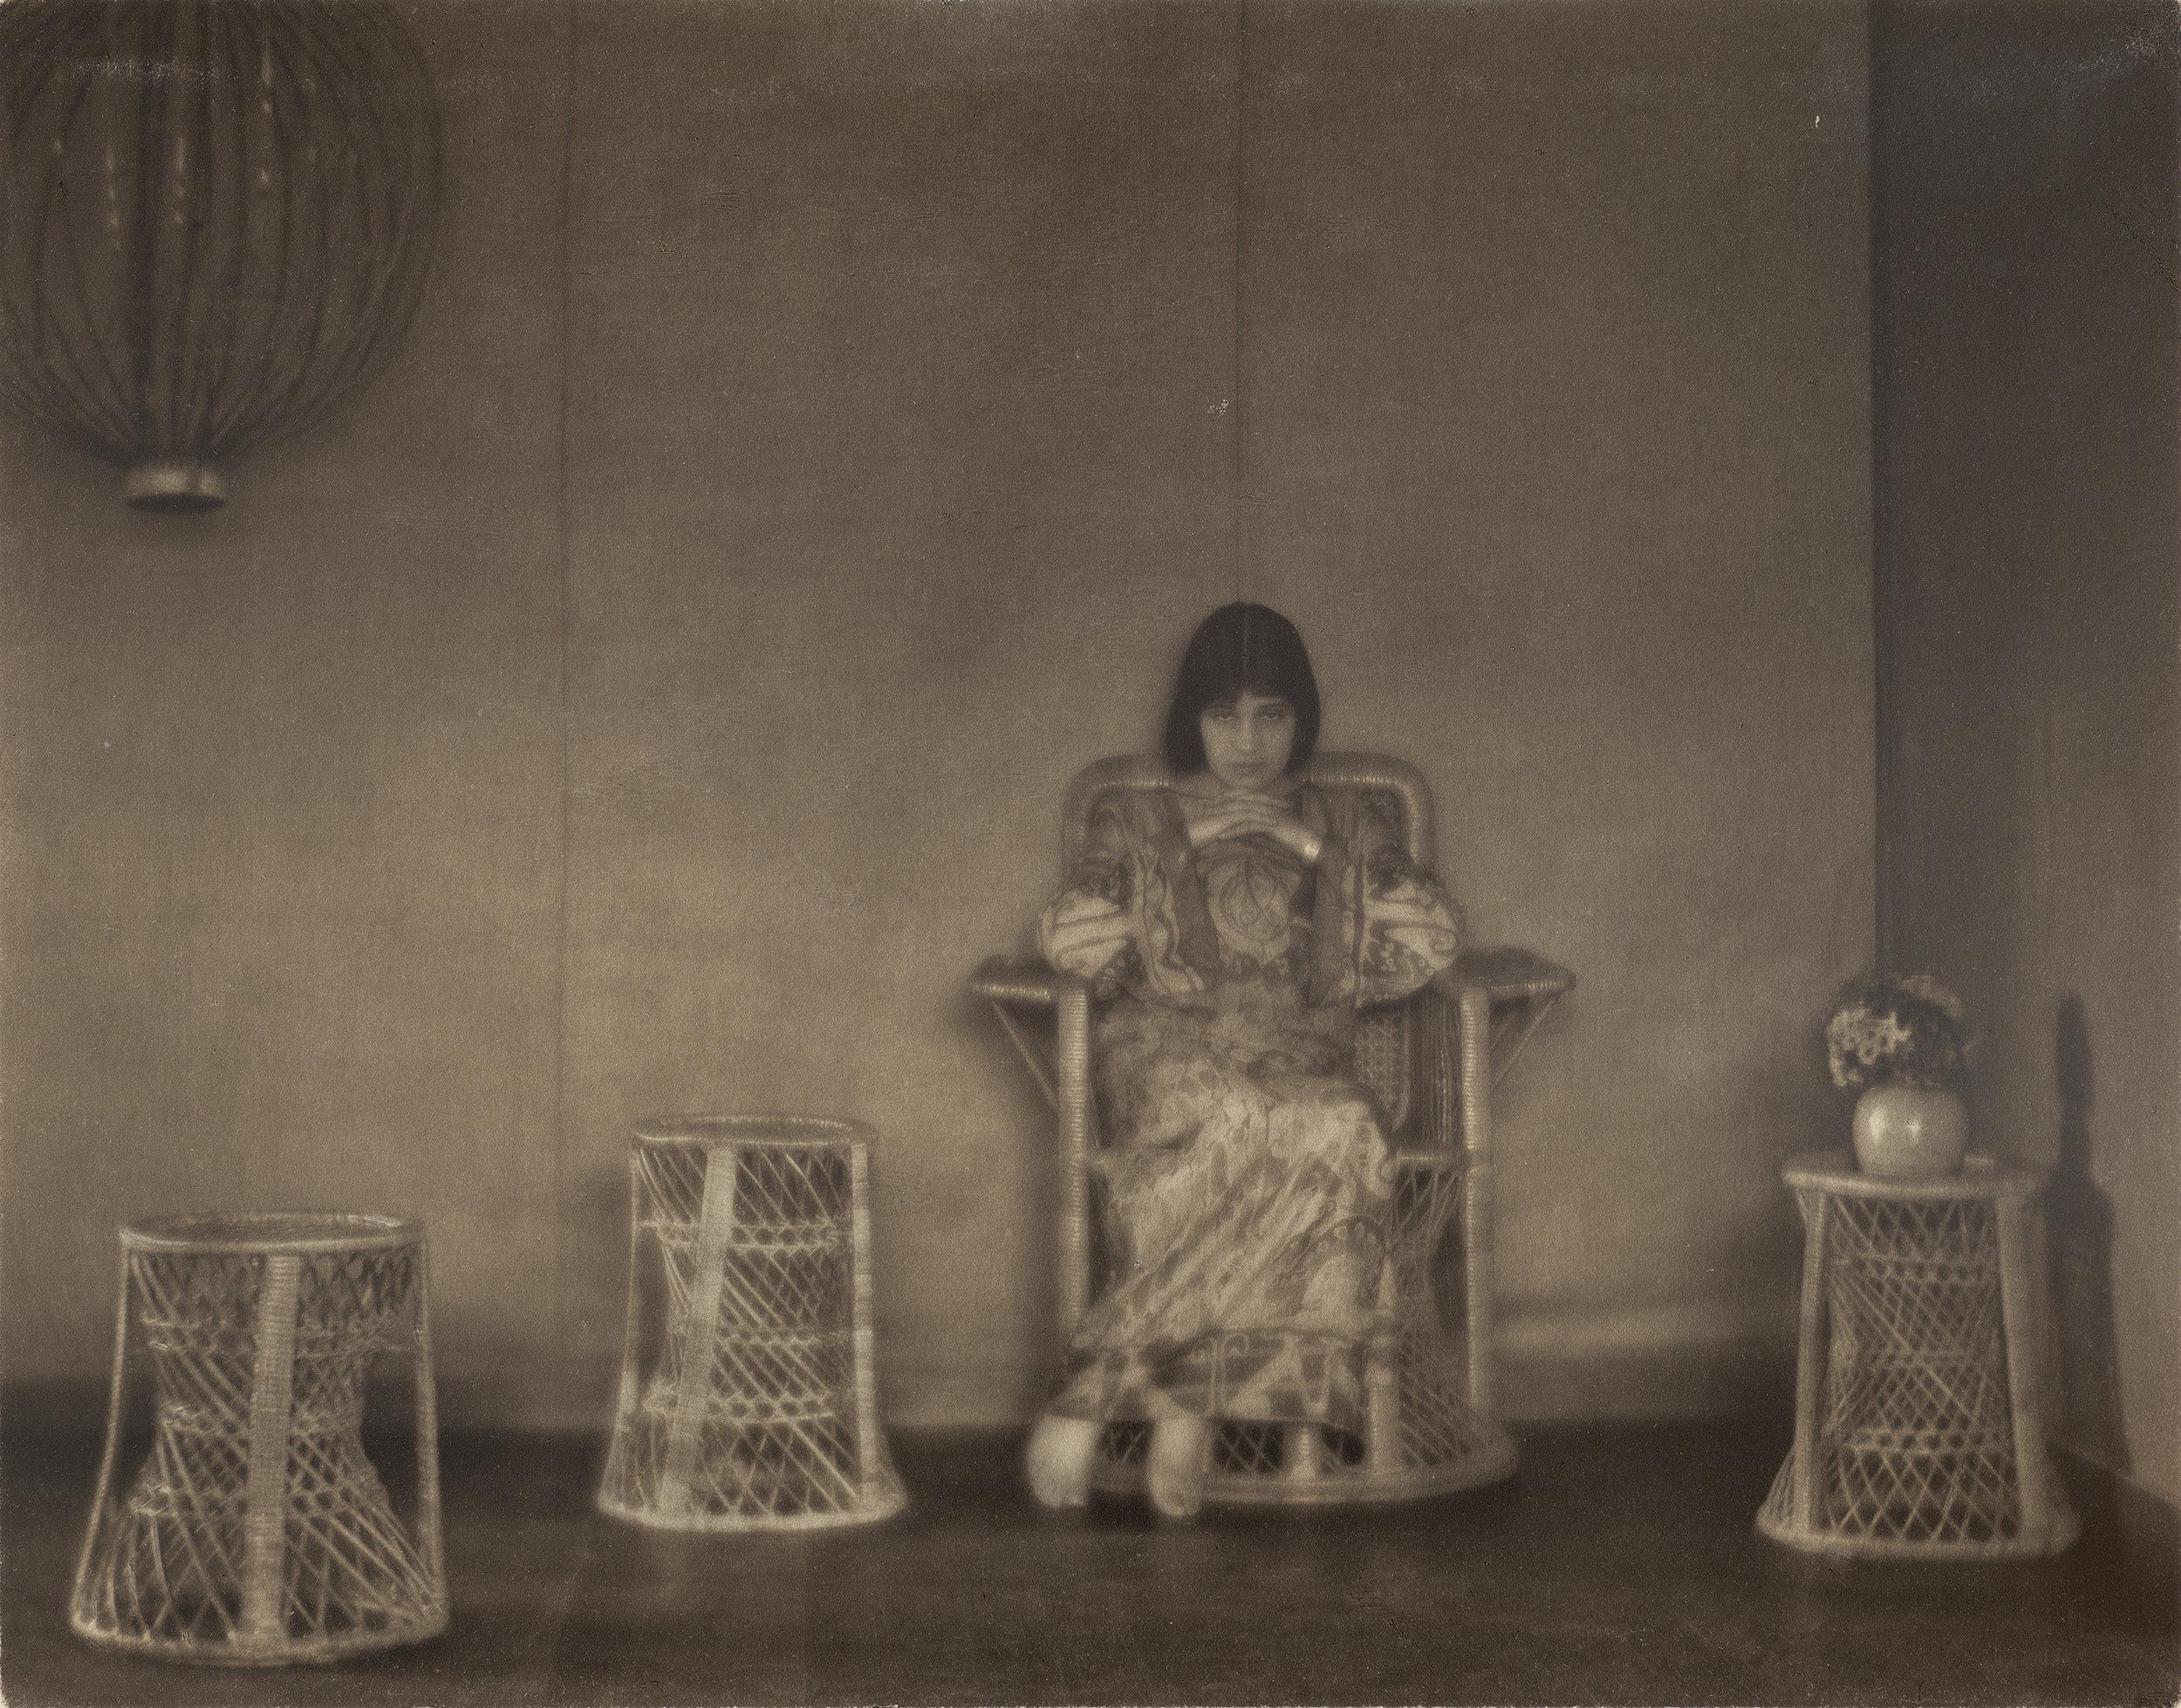 Tina Modotti, The Lane Collection, Photograph © Museum of Fine Arts, Boston